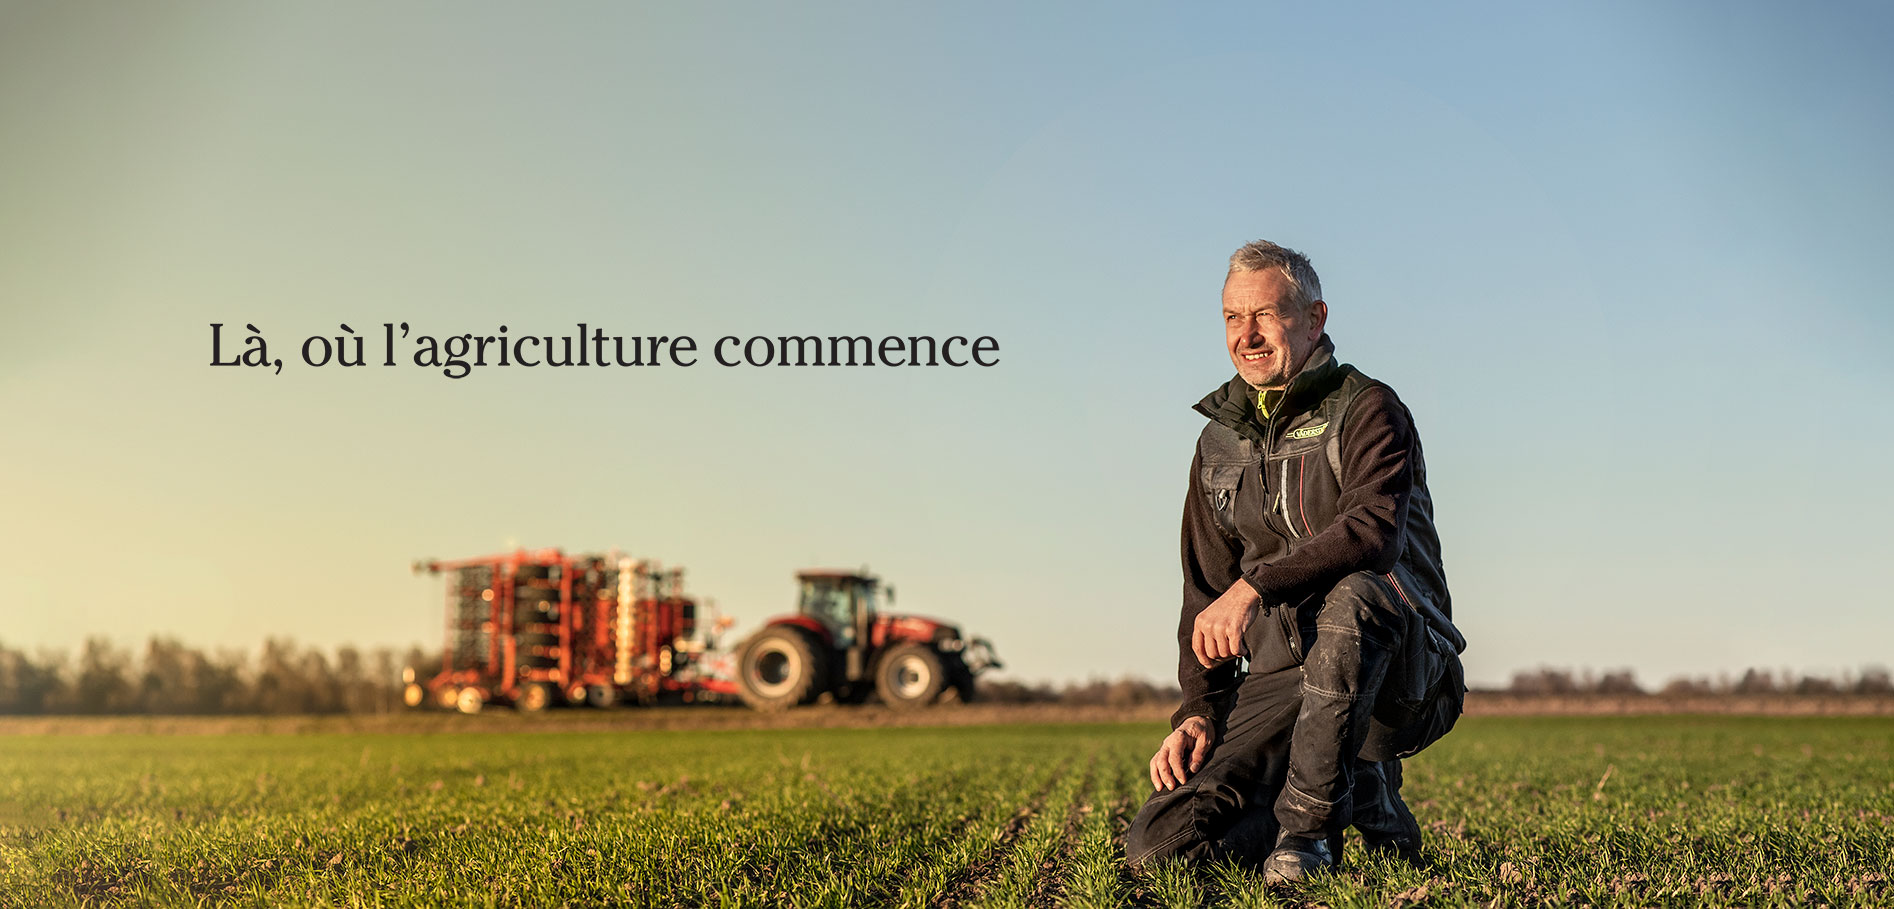 rencontres en ligne agriculteurs seulement